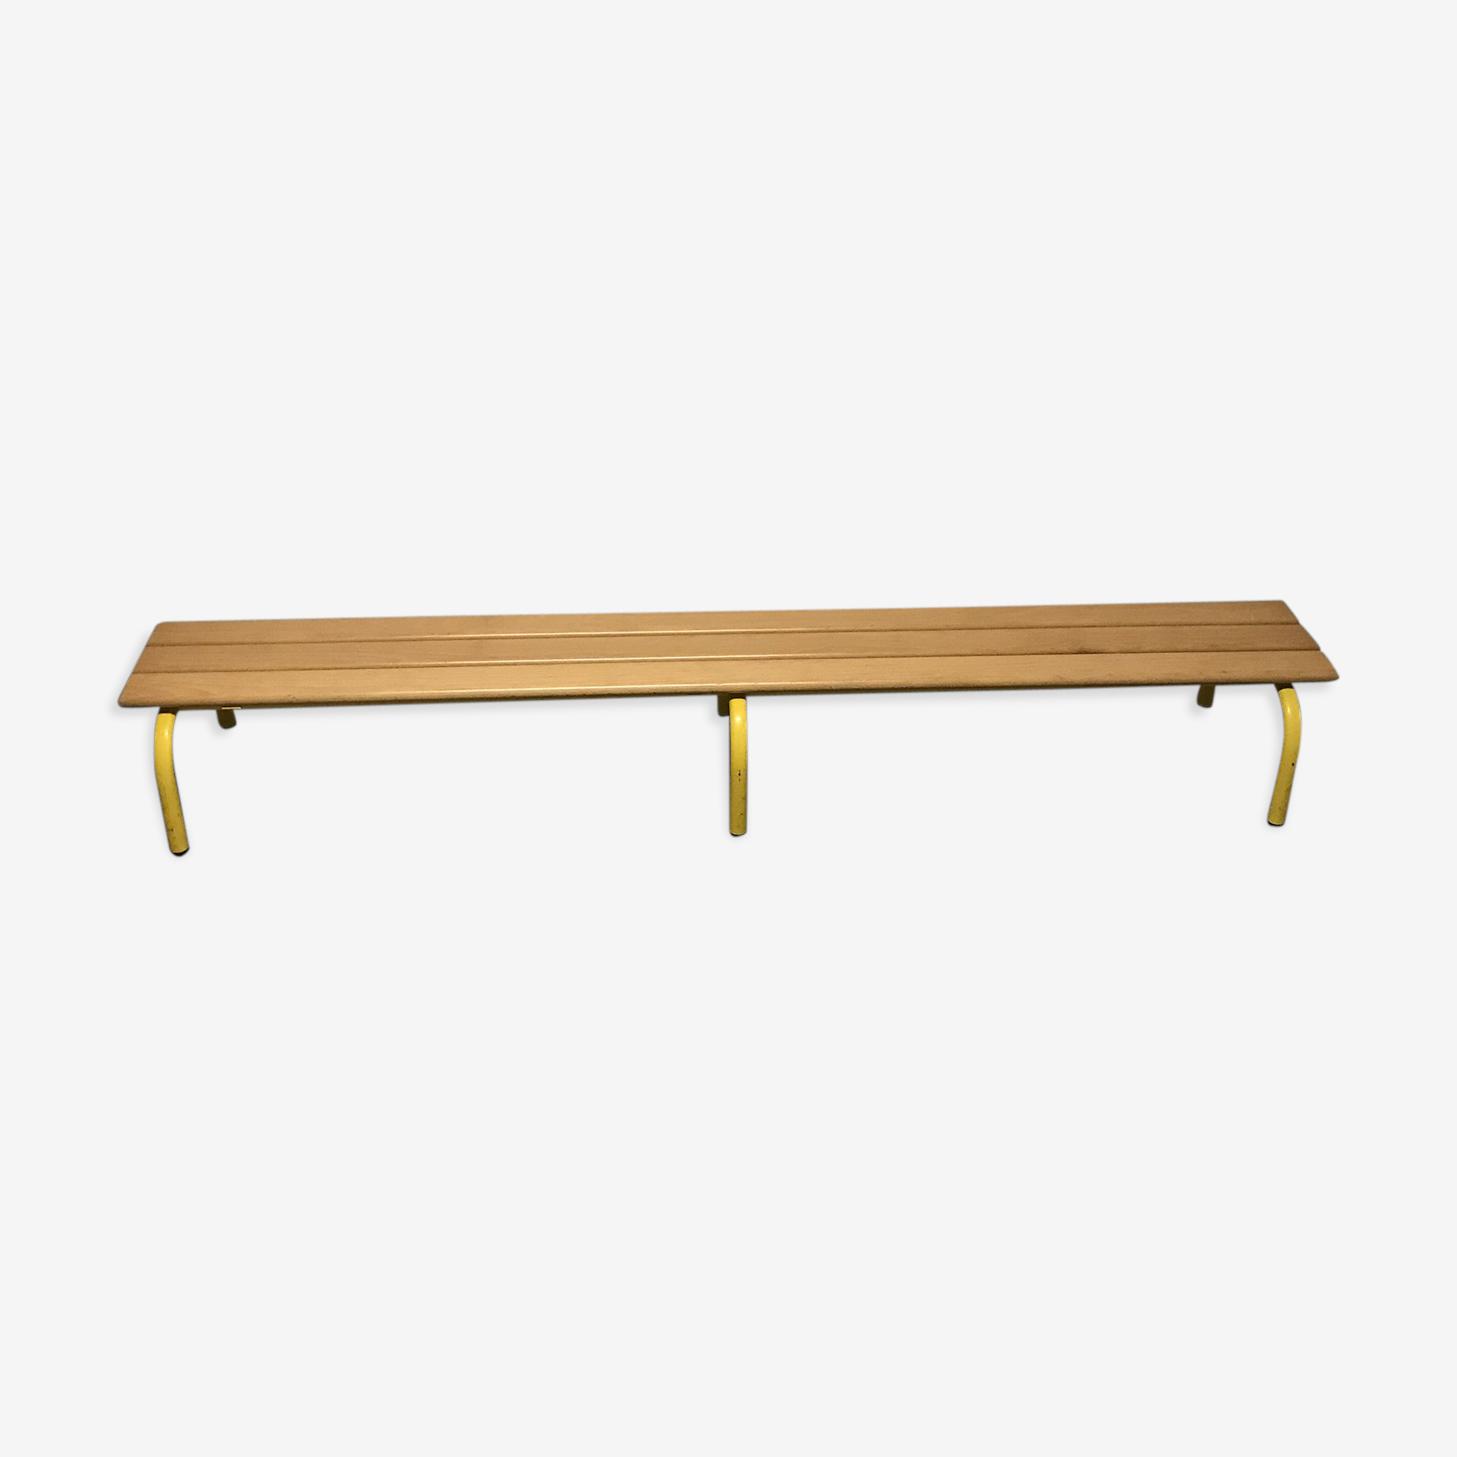 Banc d'école maternelle vintage bois et métal jaune 2 mètres